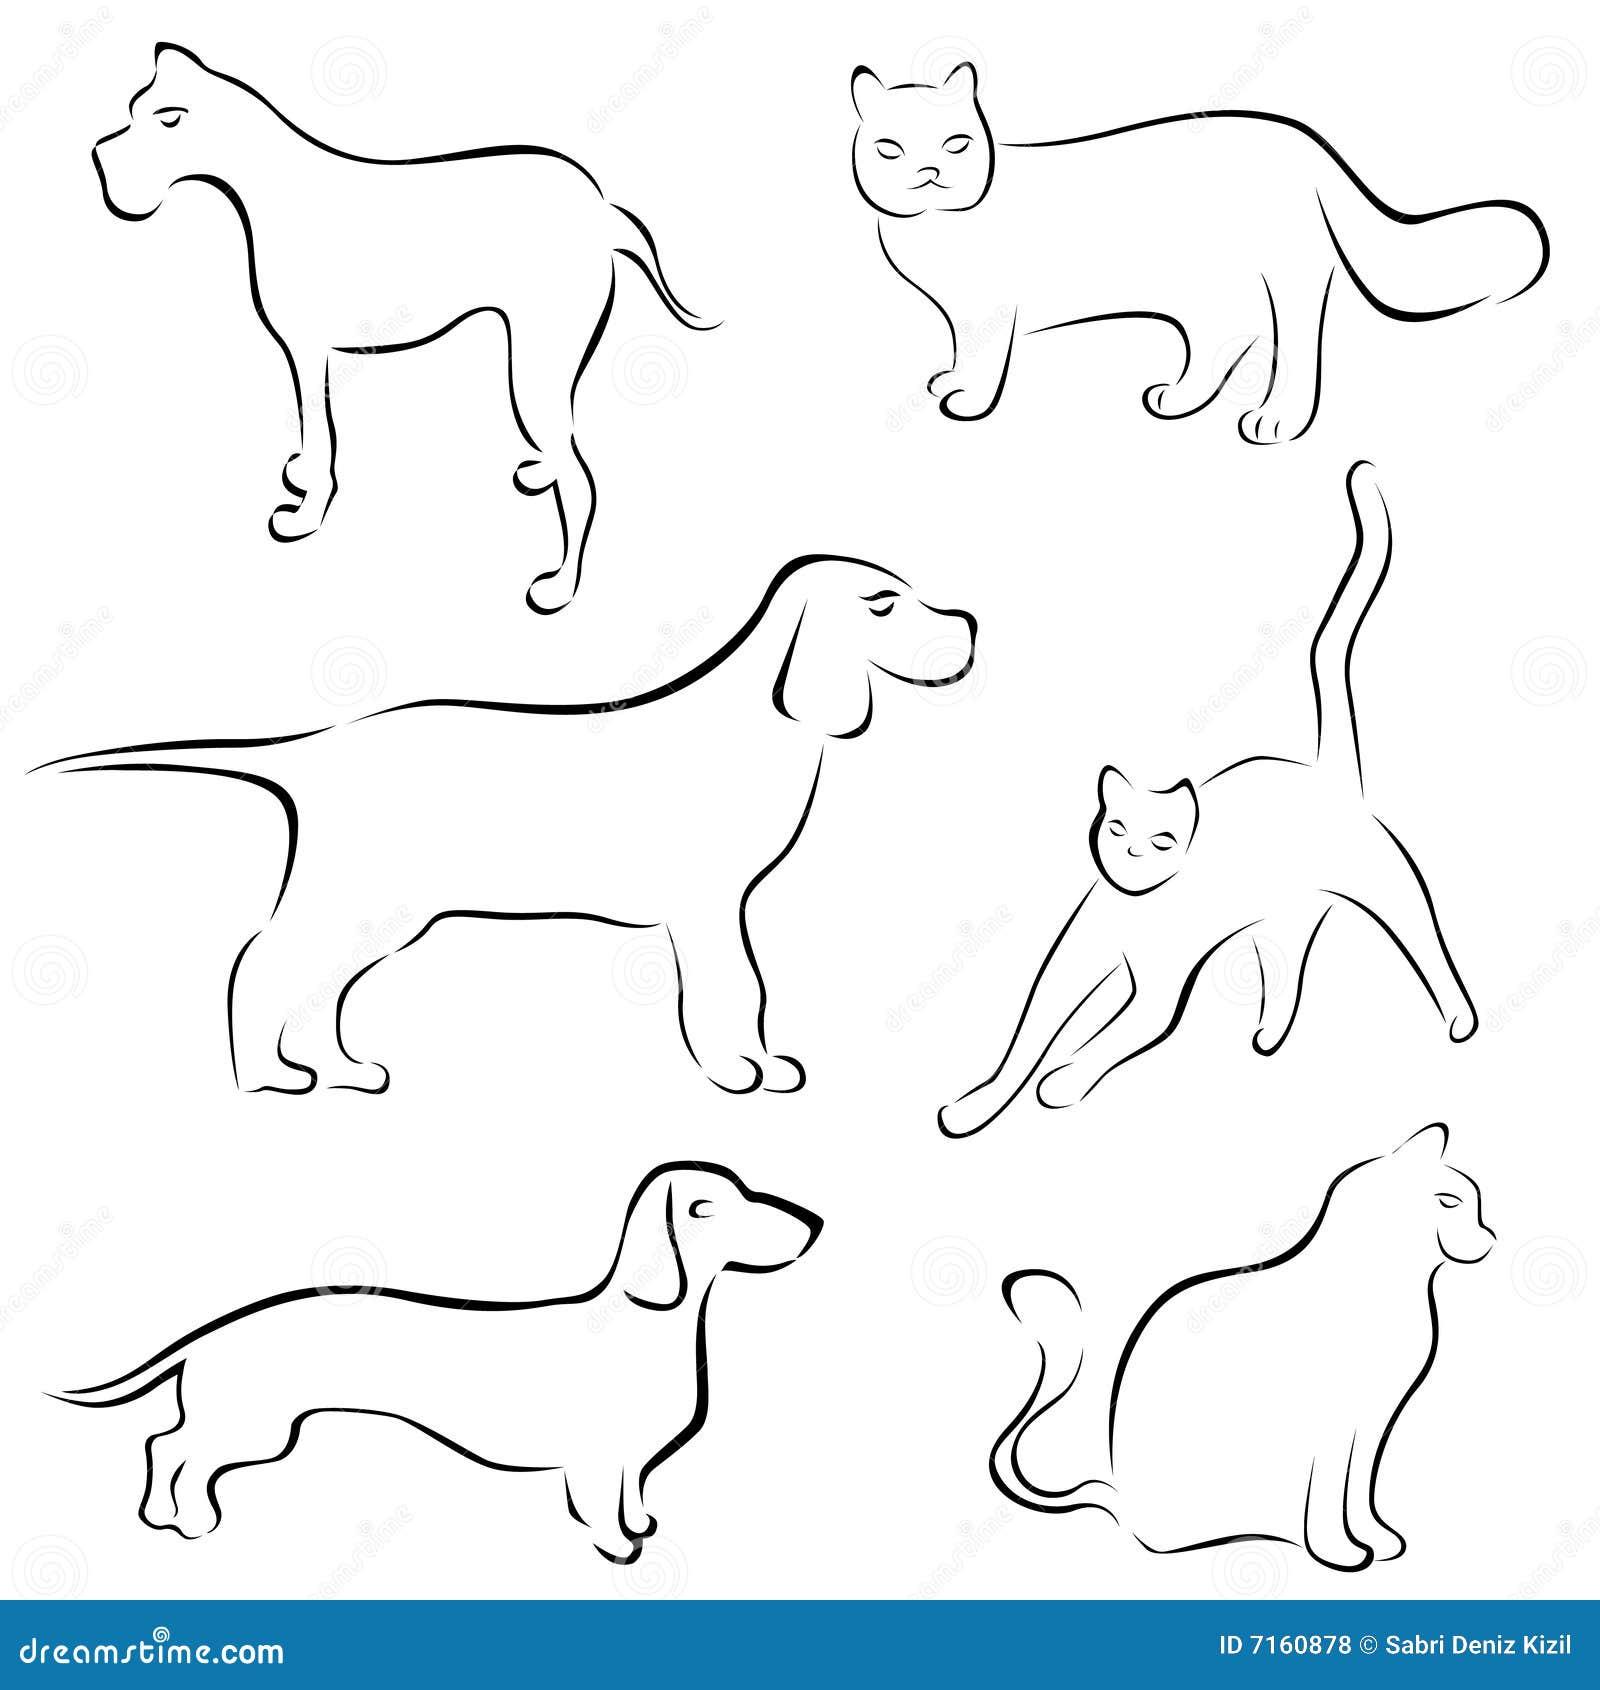 Disegni Del Gatto E Del Cane Illustrazione Vettoriale